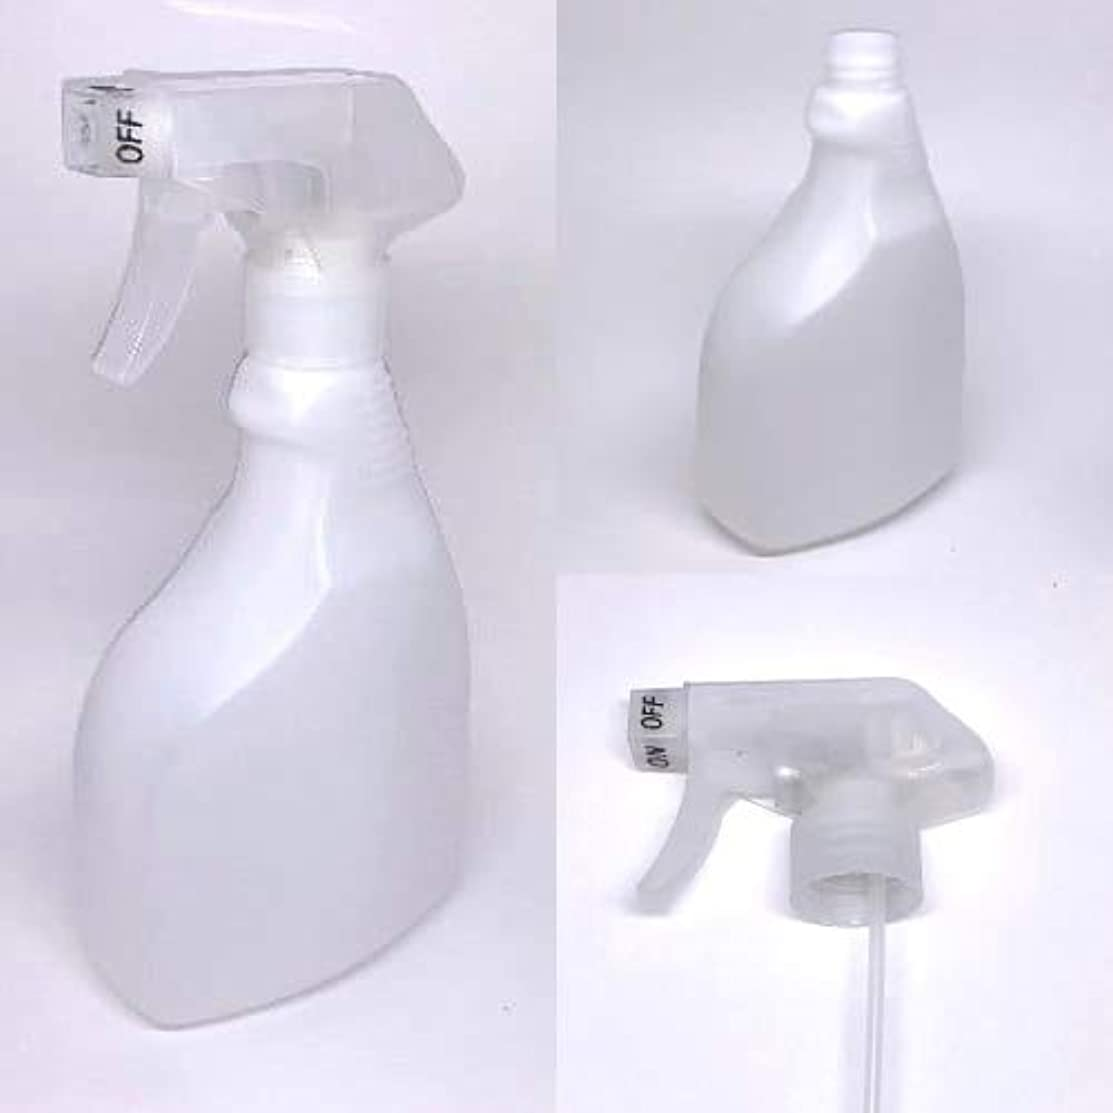 グローバル欲しいですたっぷりスプレーボトル 500ml/アルコール製剤、消毒用アルコール等の詰替えに (ナチュラルホワイト)【ボトル?容器】【いまじん】